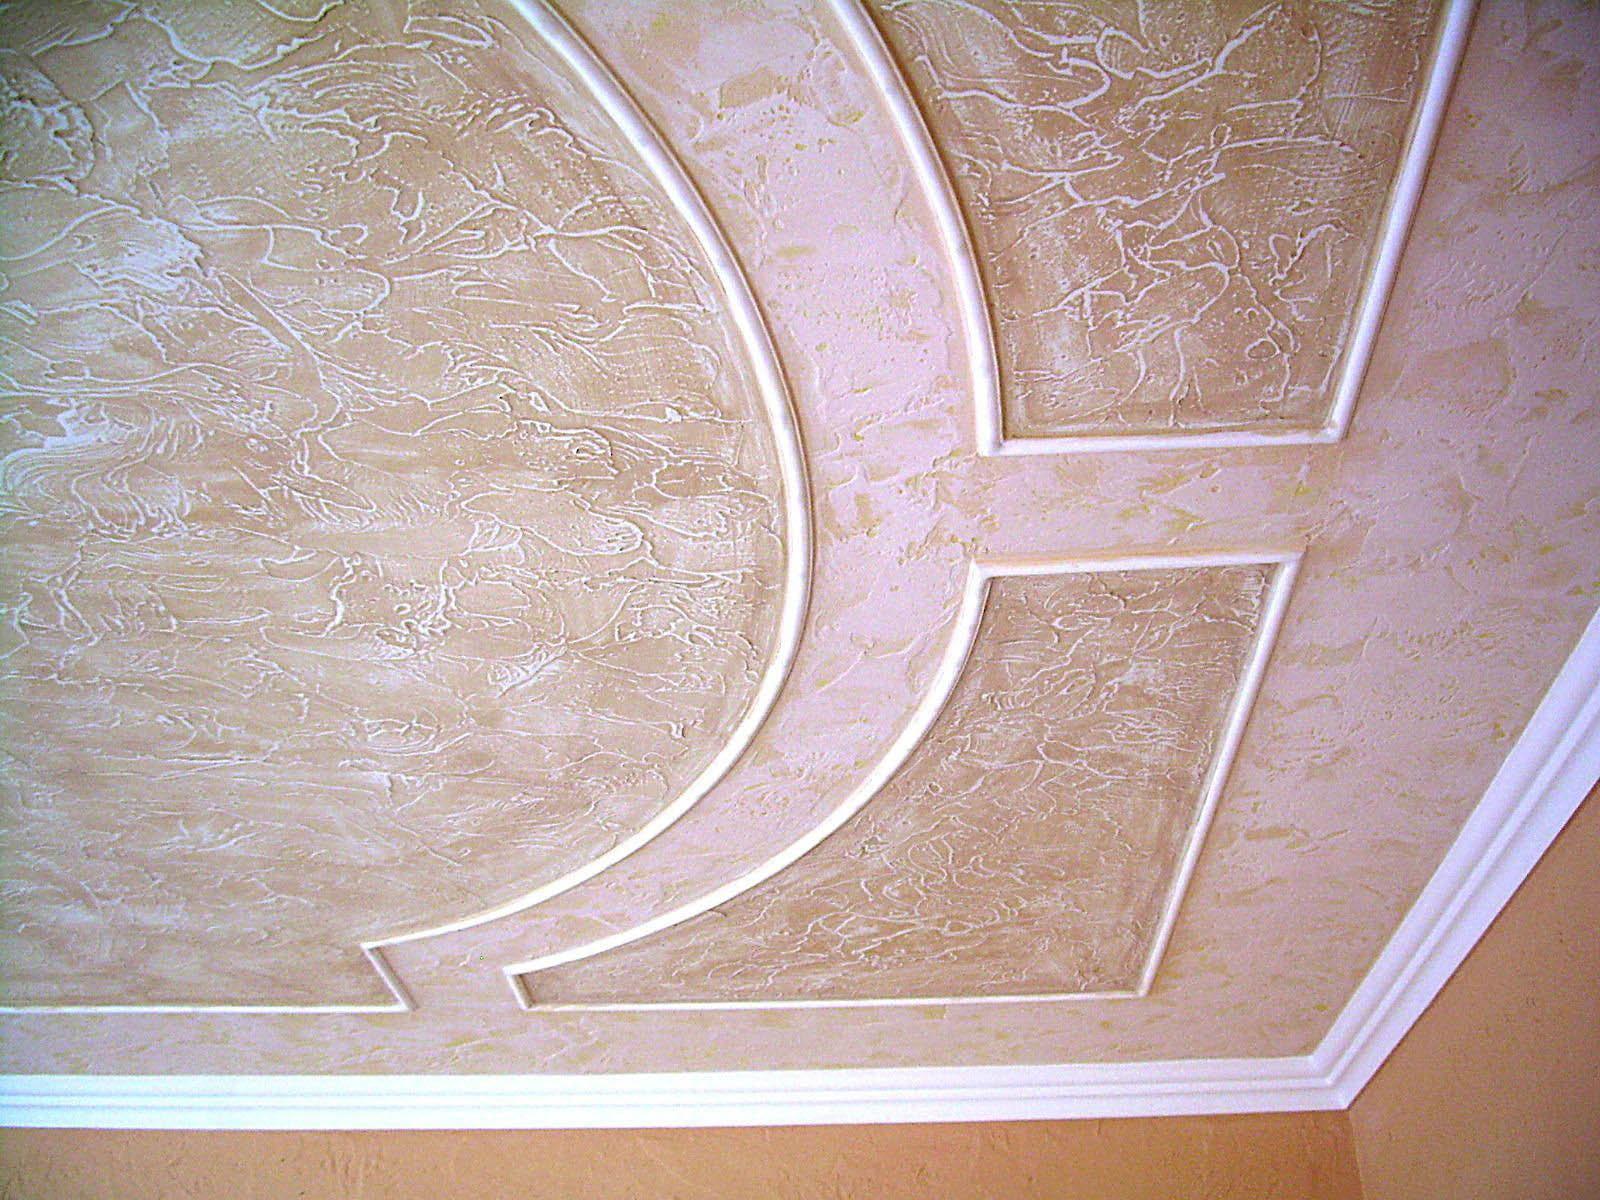 фото декоративных обоев на потолок начали изготавливать